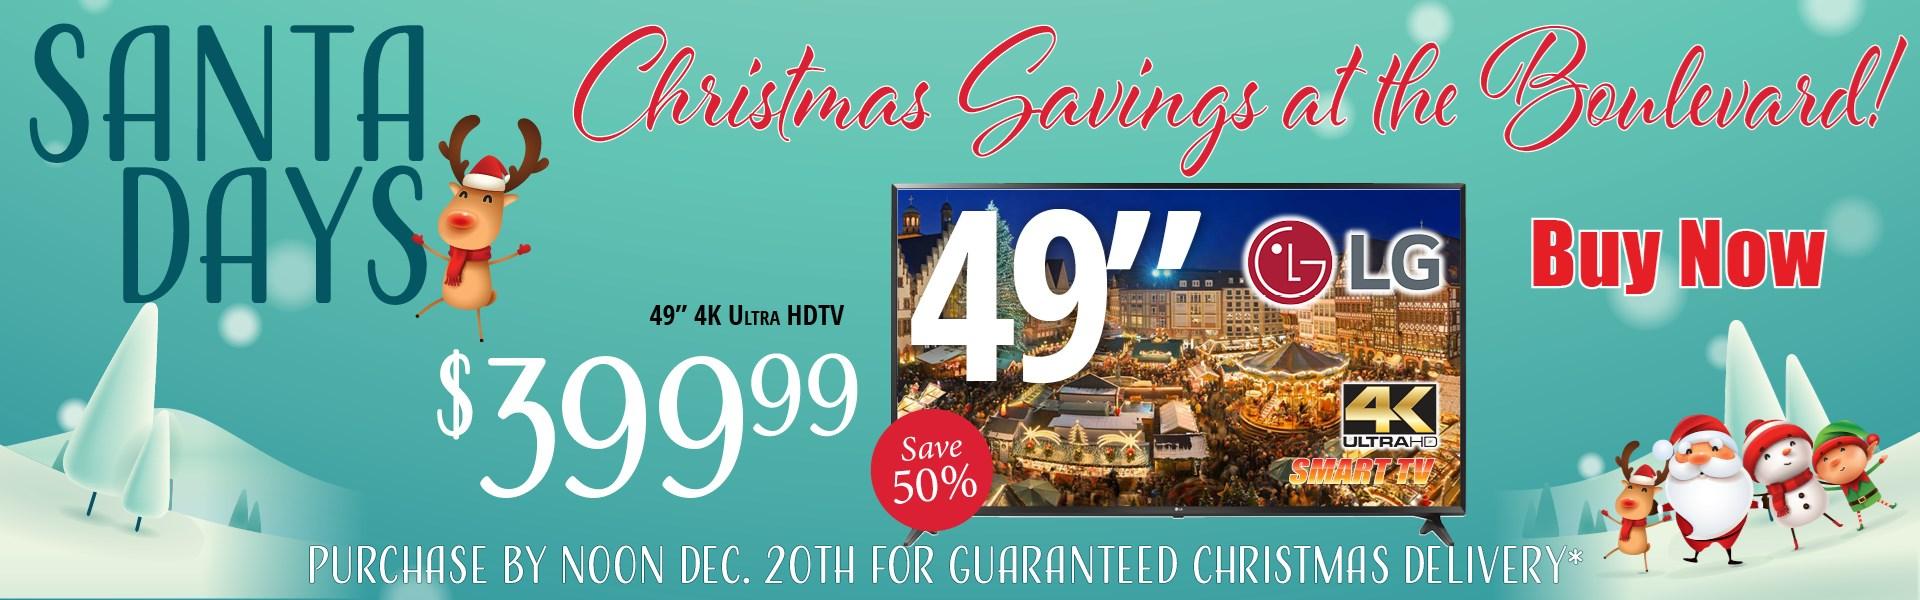 Santa Days HDTV